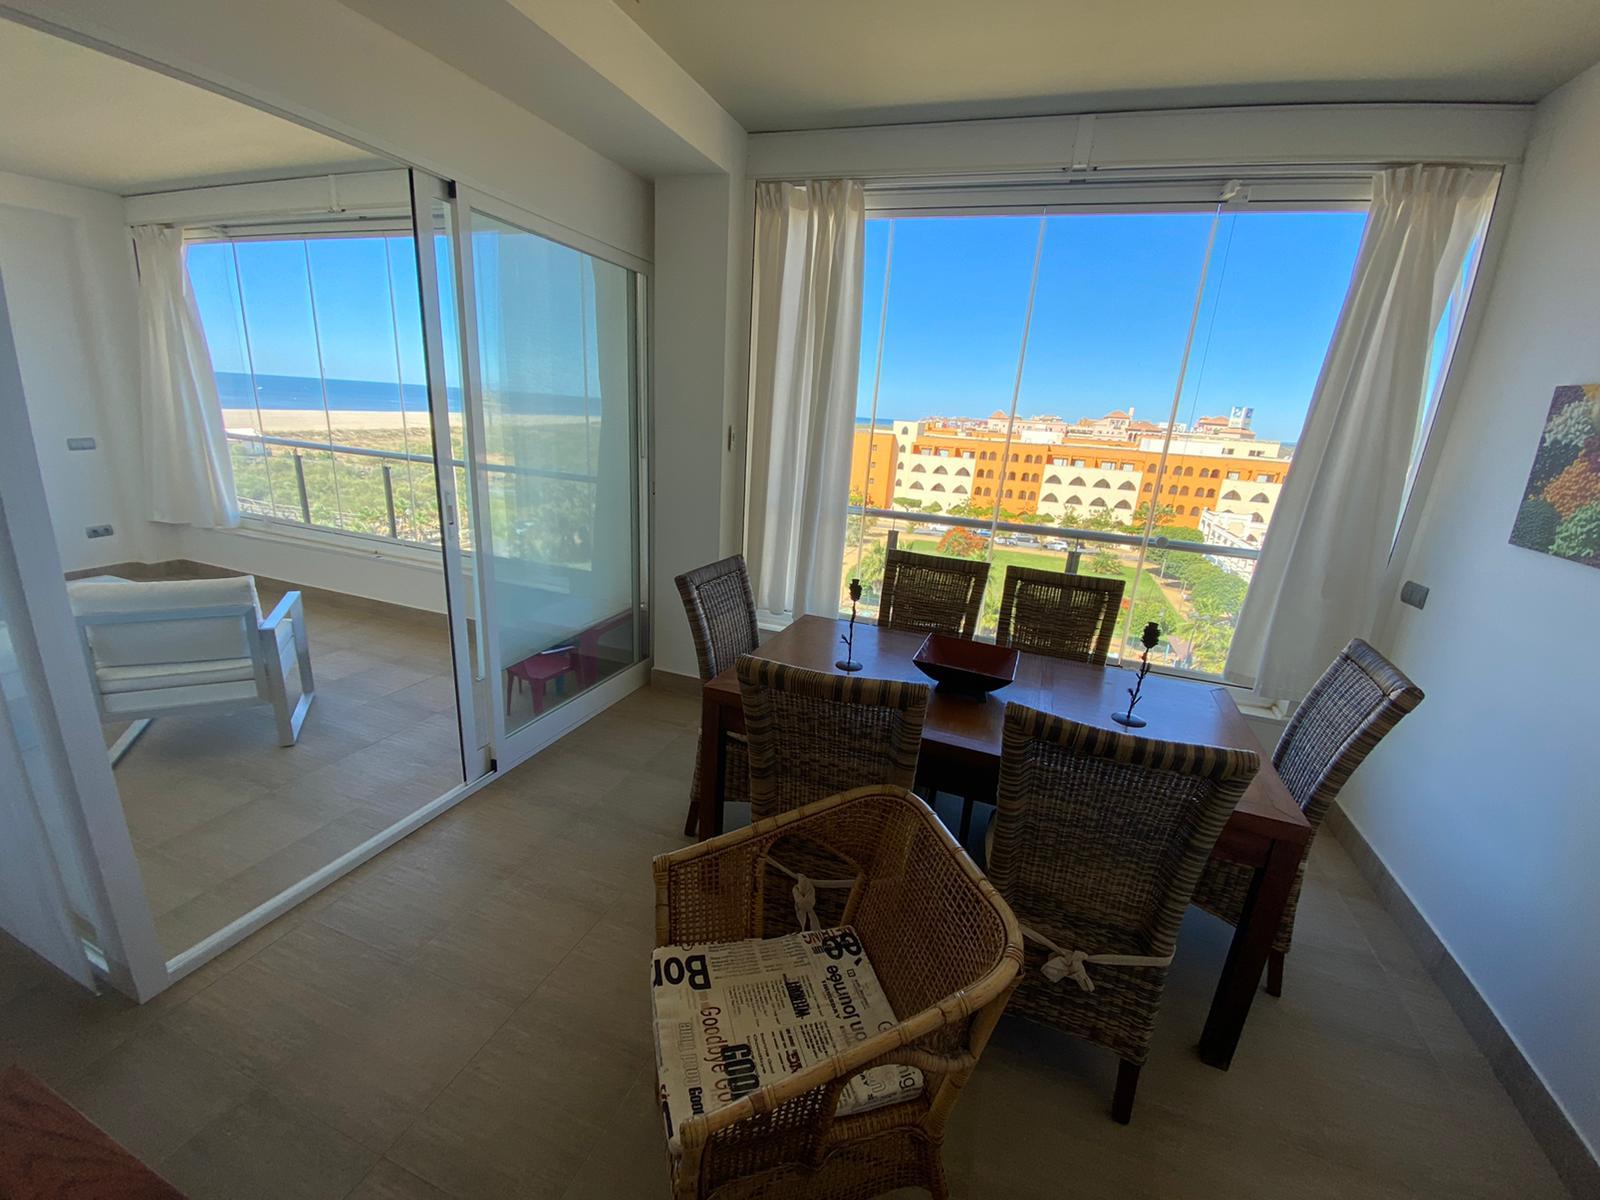 Imagen 7 del Apartamento Turístico, Ático 1 Poniente (3d+2b), Punta del Moral (HUELVA), Paseo de la Cruz nº22